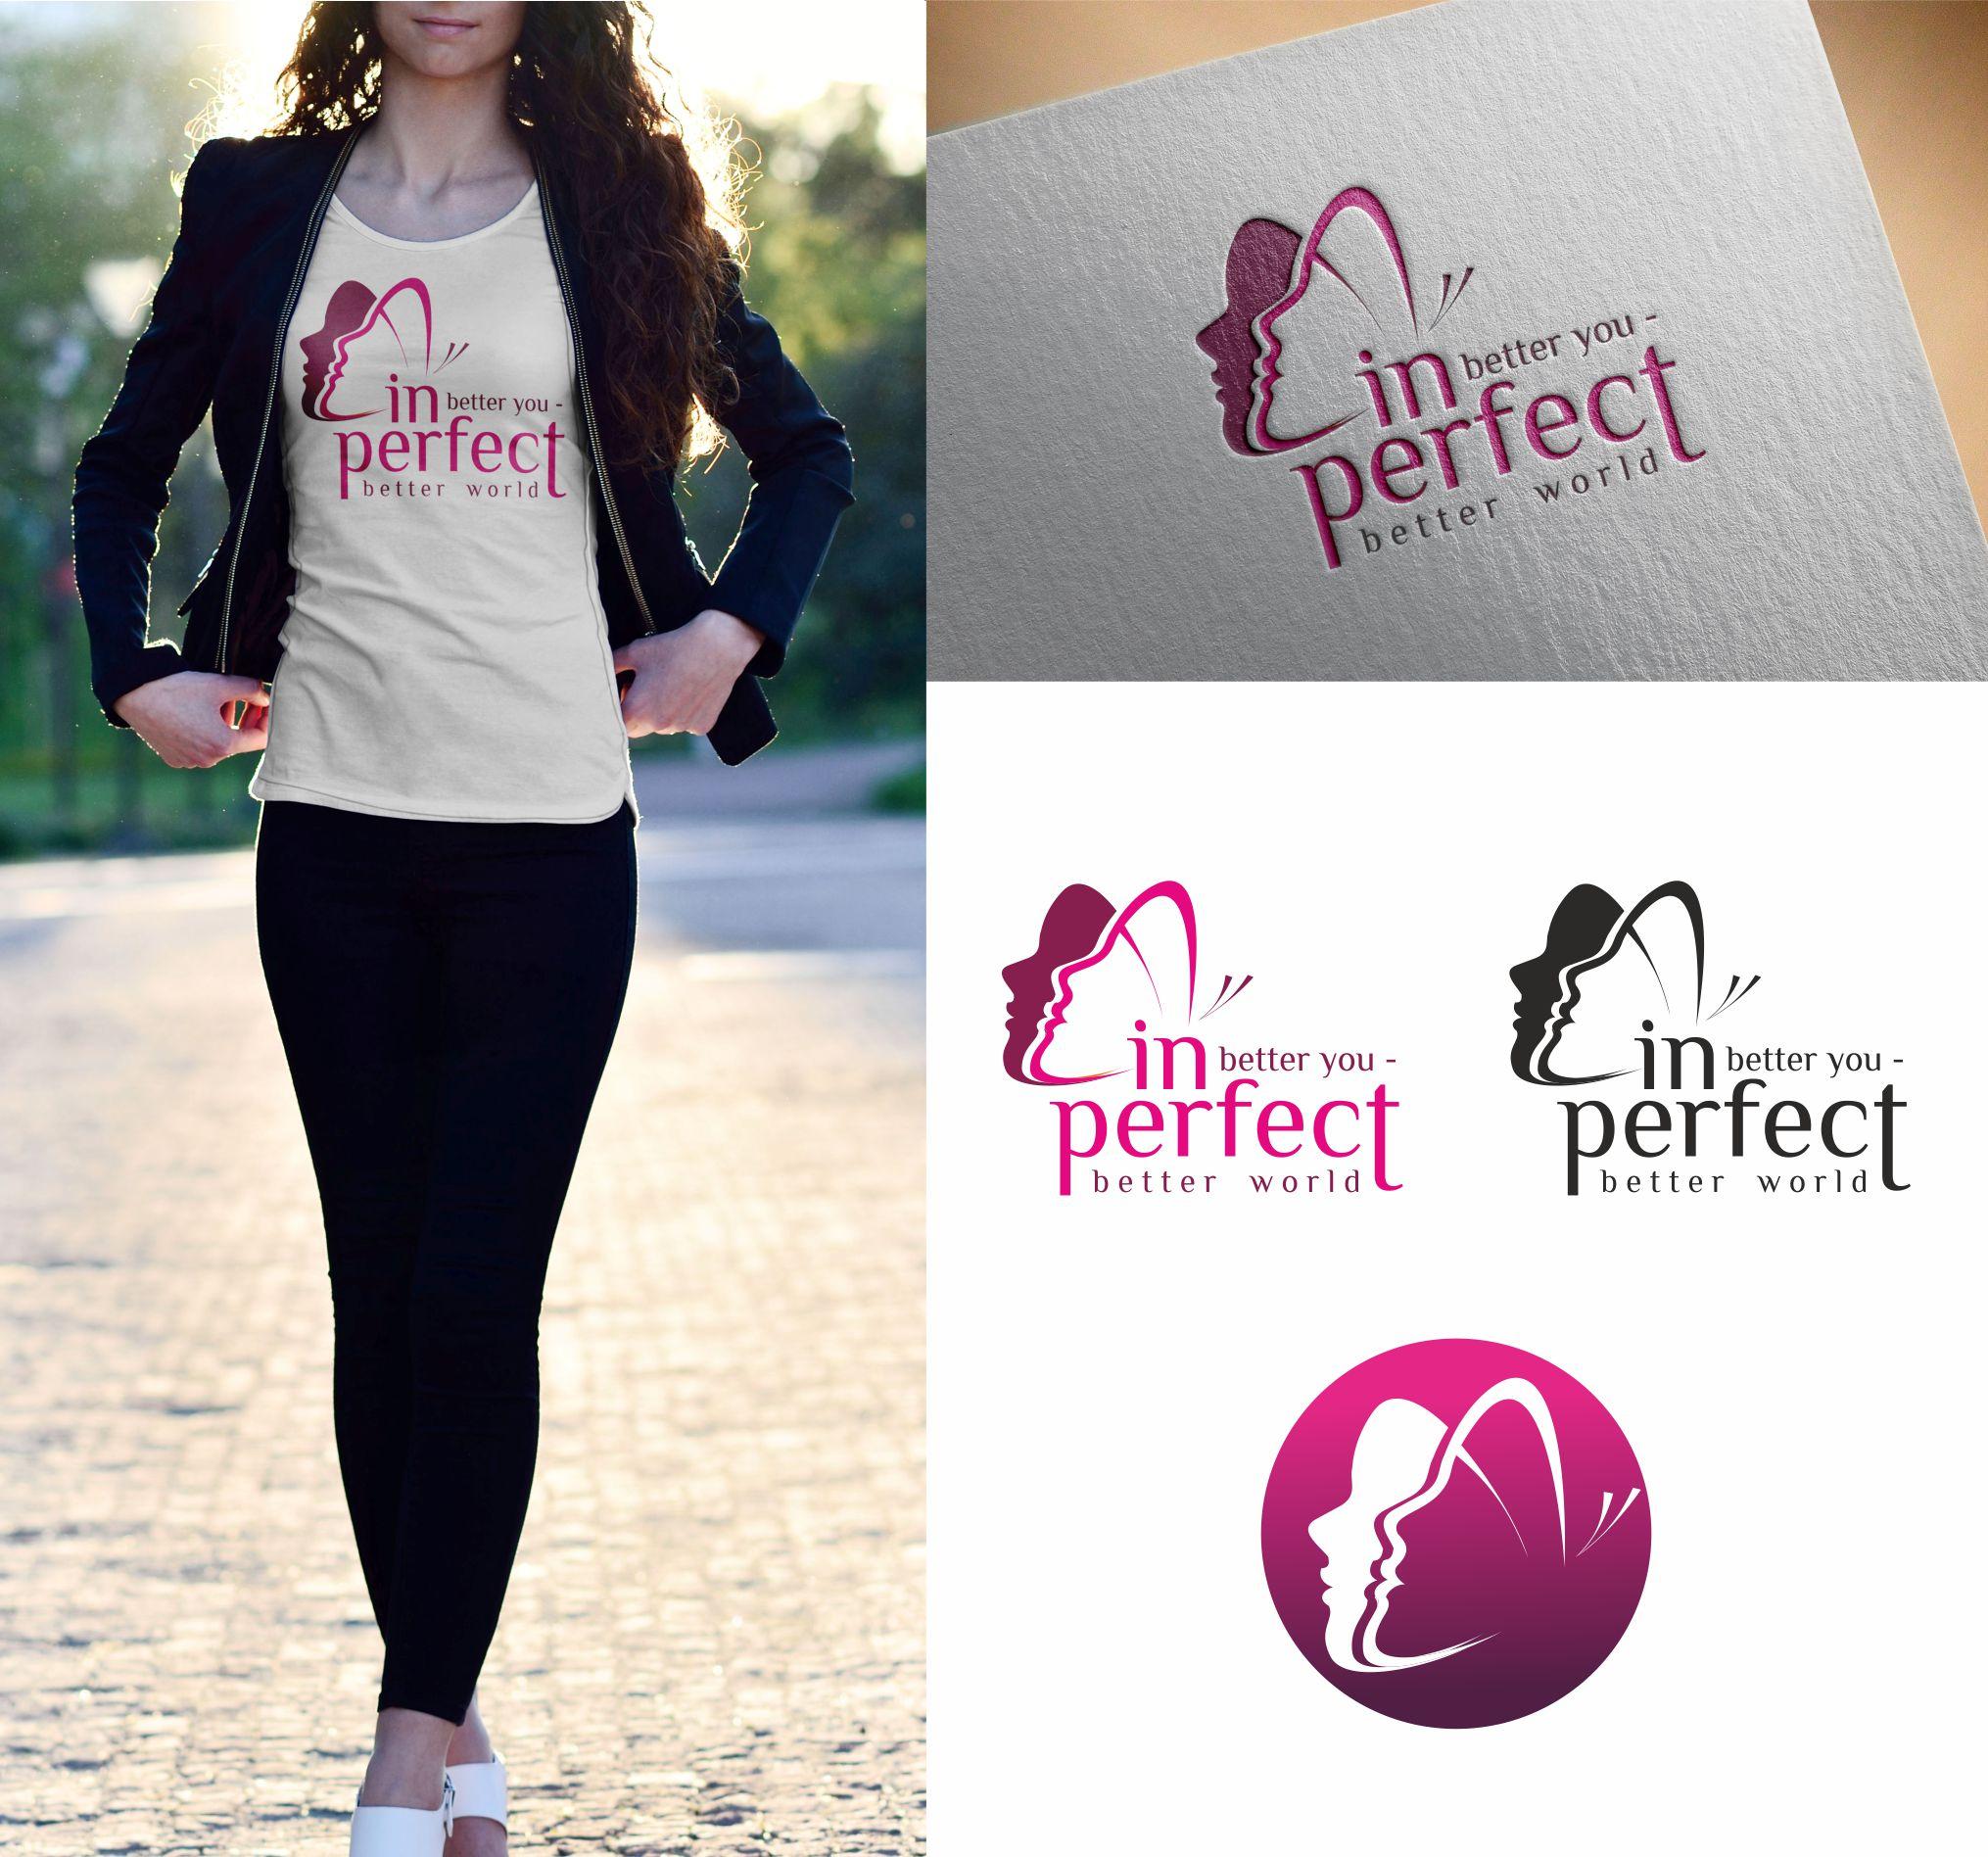 Необходимо доработать логотип In-perfect фото f_4395f1b033d914f9.jpg